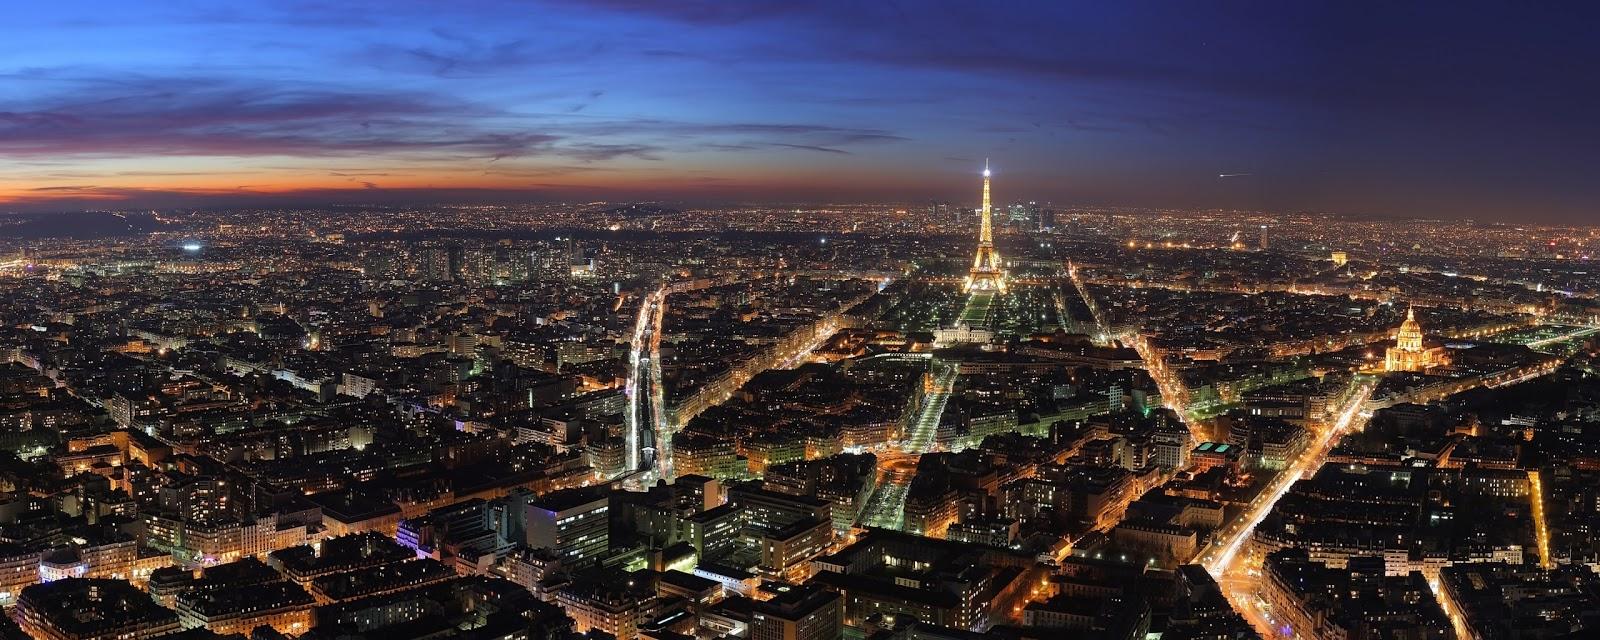 Android Wallpaper Paris At Night Dual